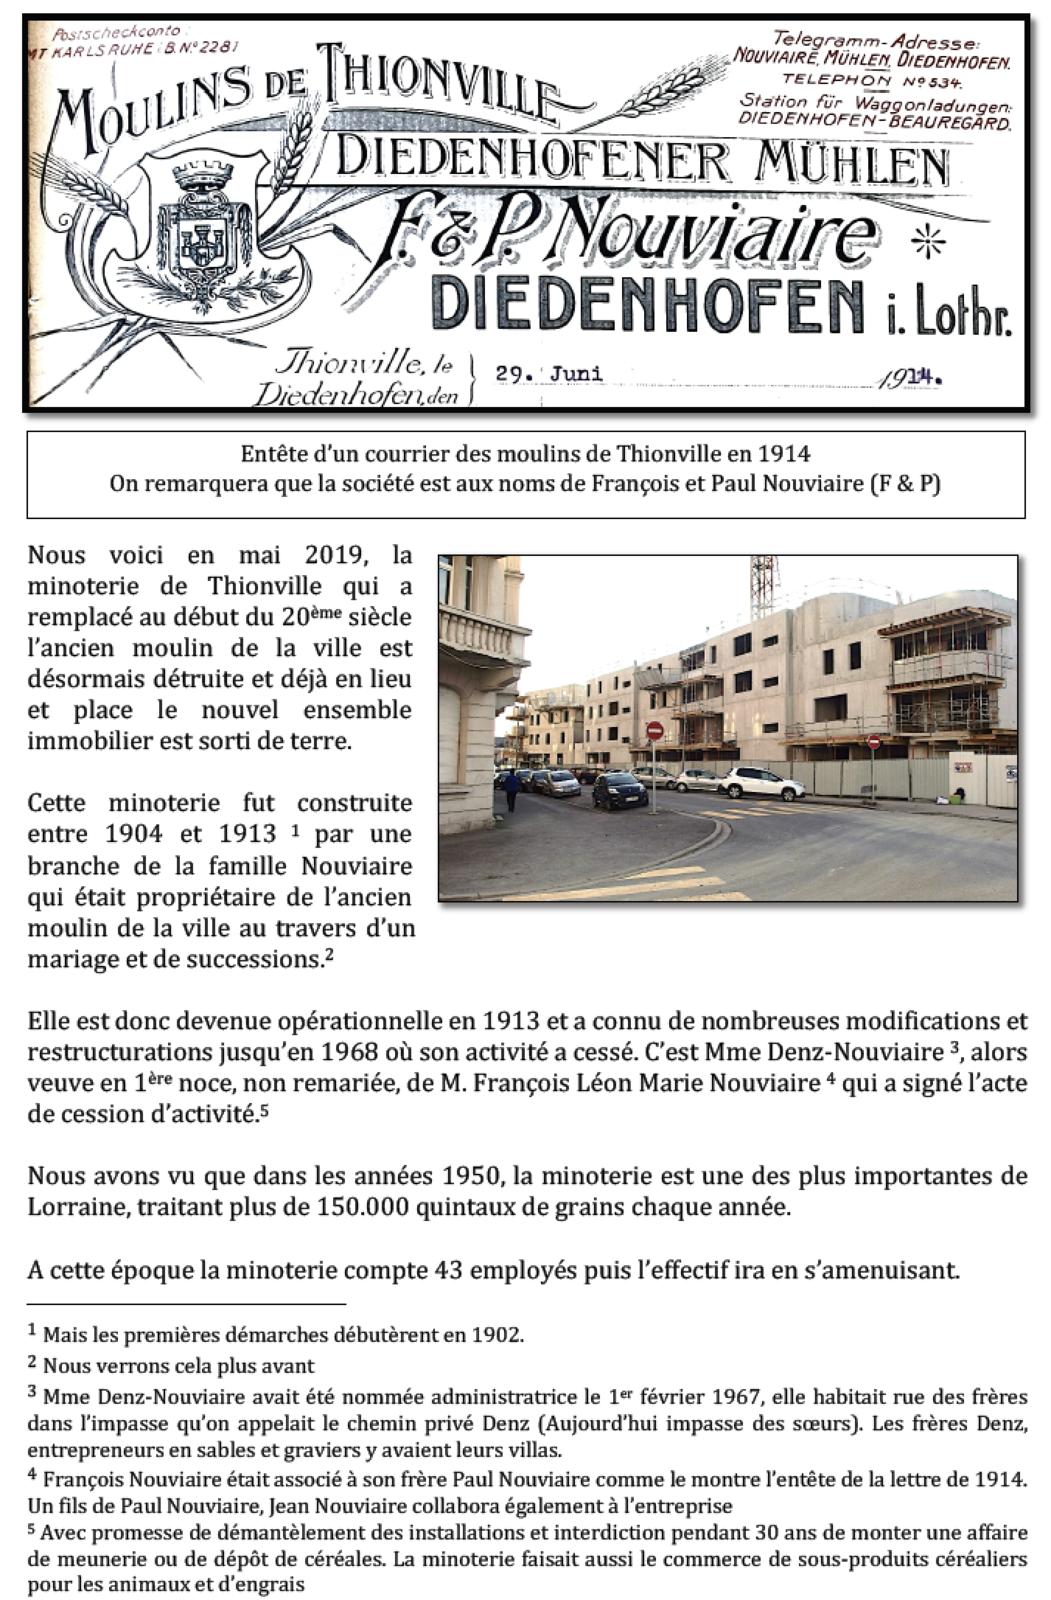 1458-2019 - Histoire du moulin de Thionville (suite 1)